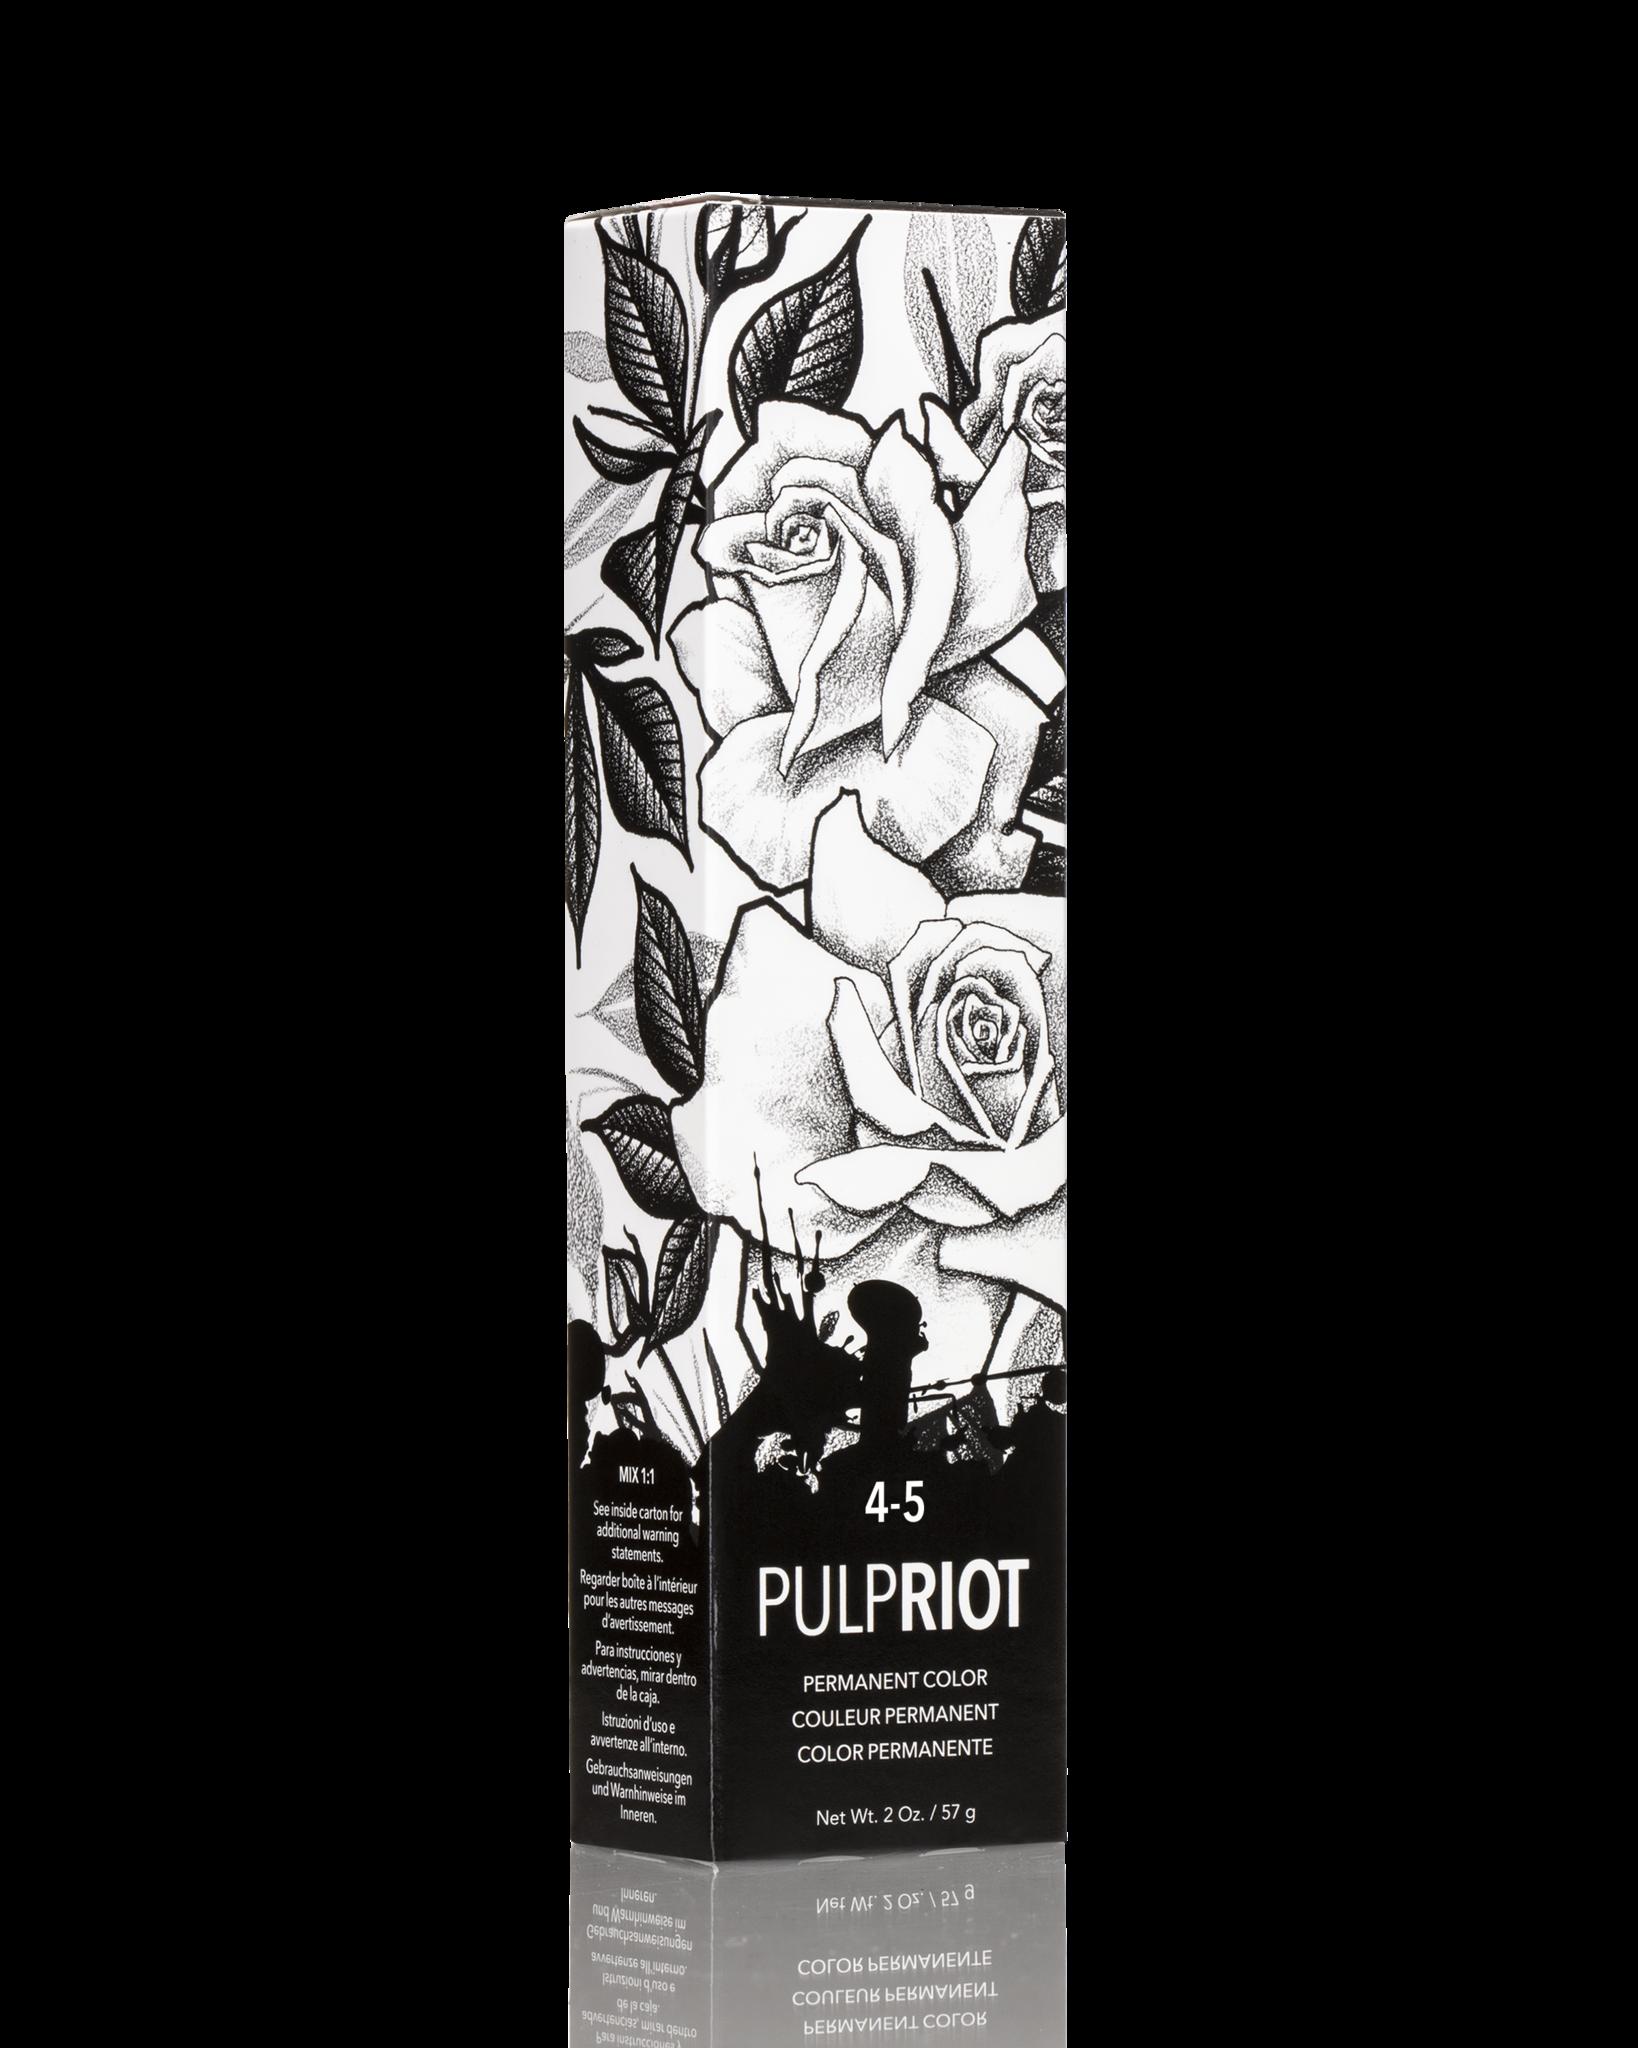 Pulp Riot PULP RIOT FACTION 8 ROUGE VIOLET/RED VIOLET 4-5